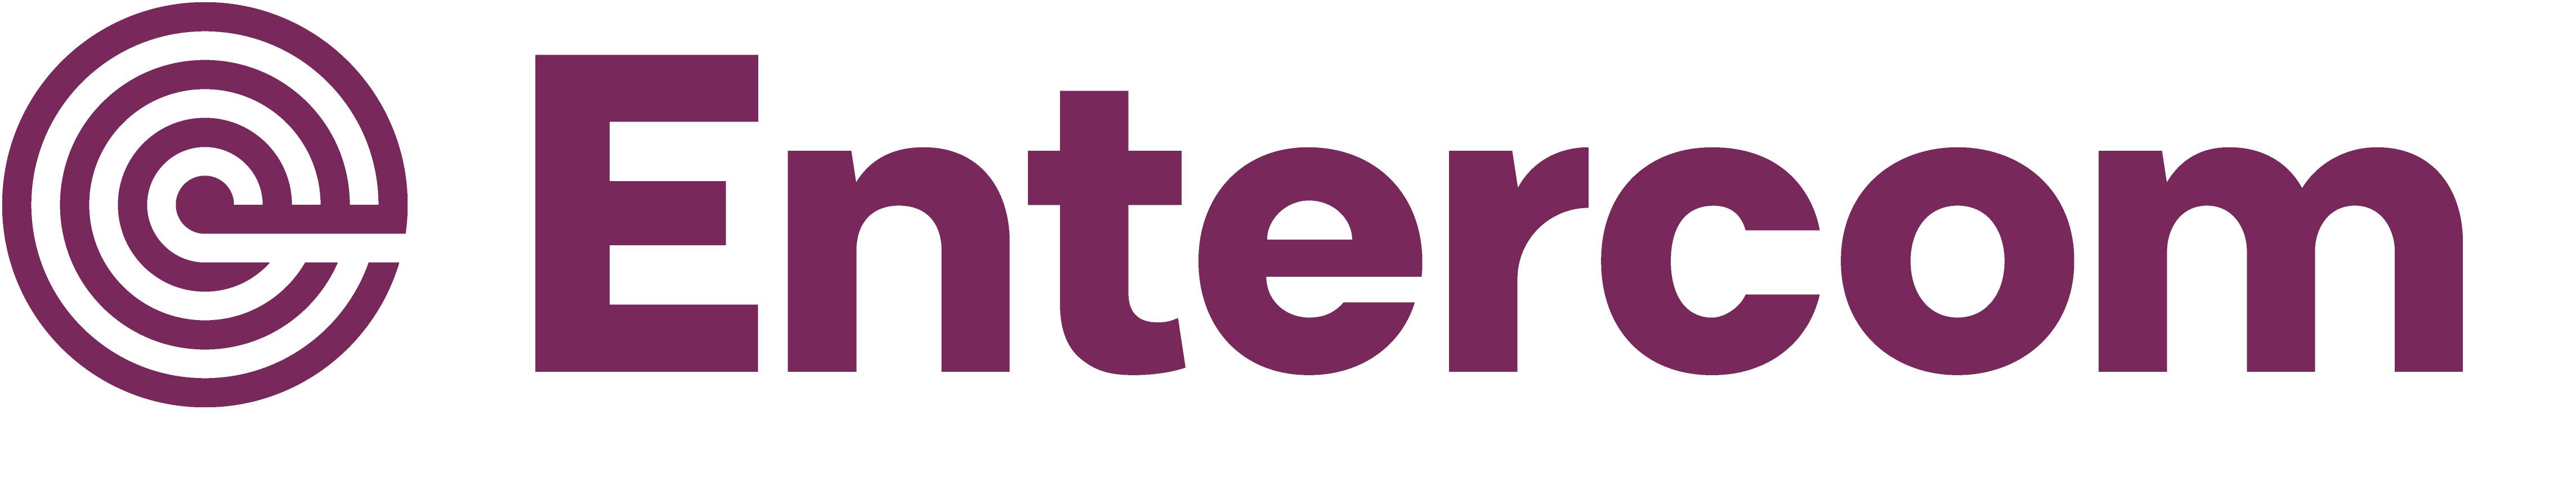 Entercom - Media. Non più Radio, ma Audio. Crolla un altro dogma: il colosso radiofonico Entercom dopo oltre 50 anni cambia nome e diventa Audacy